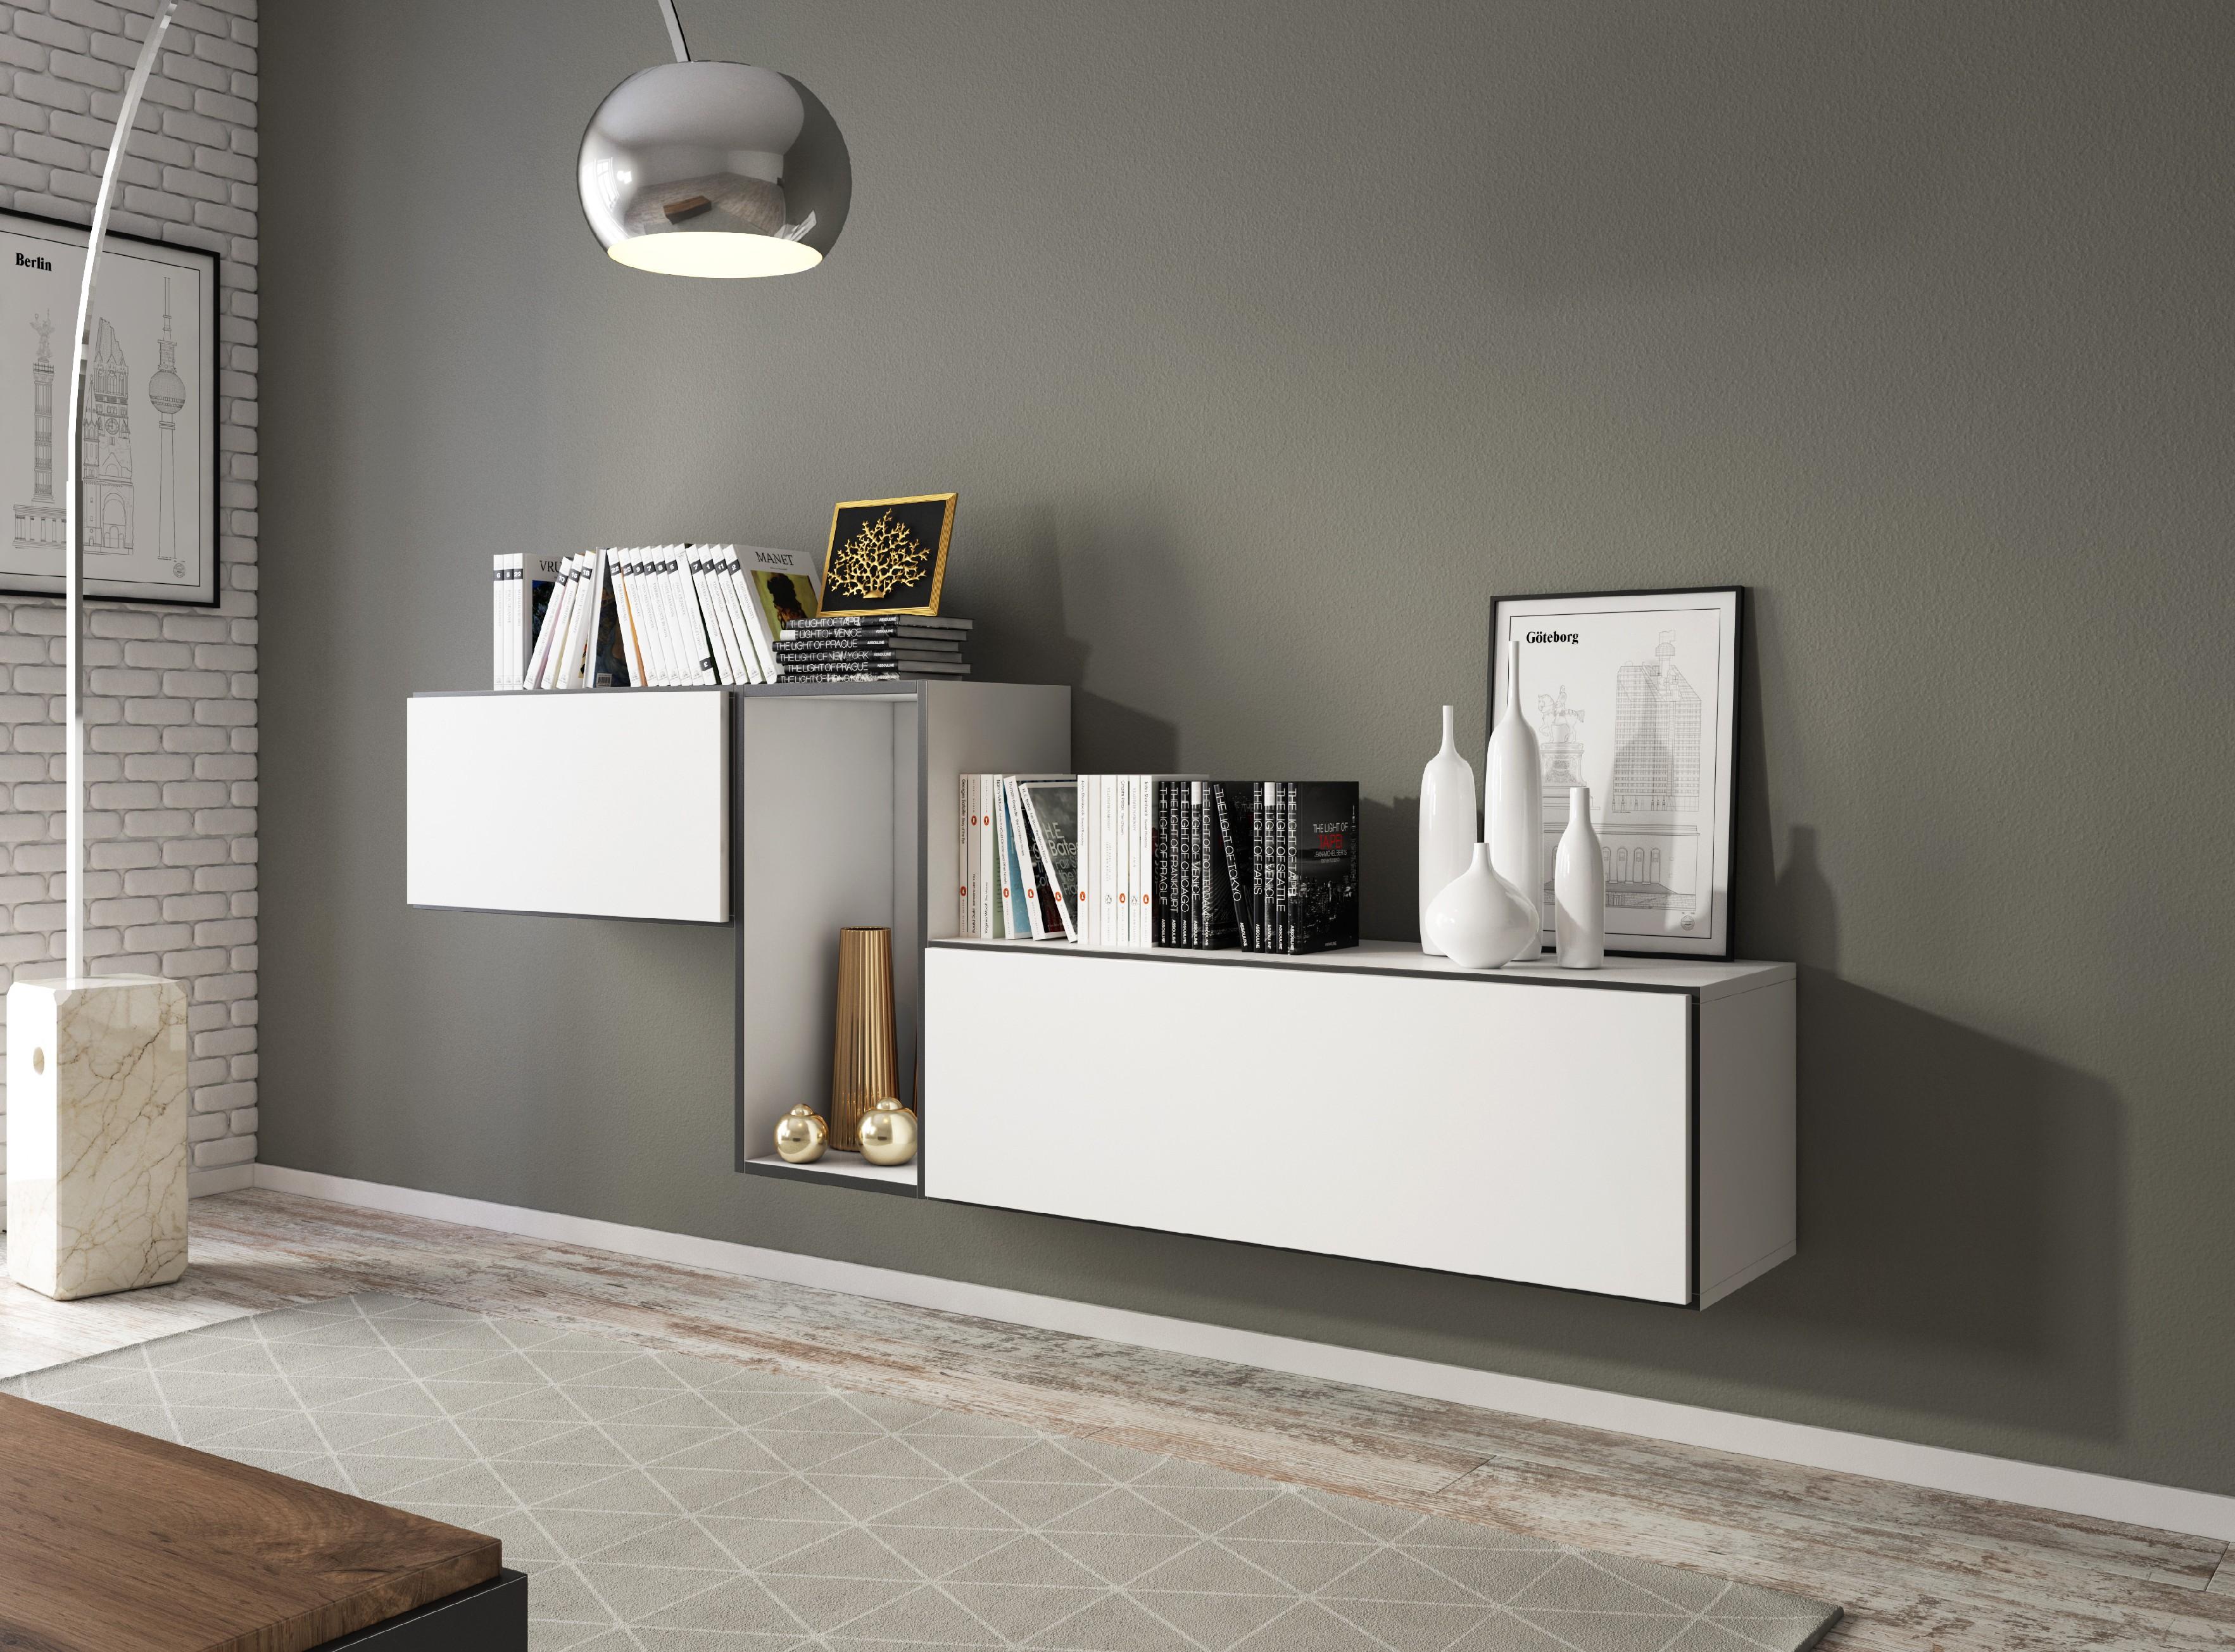 Artcam Zostava do obývačky ROCO 11 roco: korpus biely mat / okraj čierny mat / dvierka biely mat